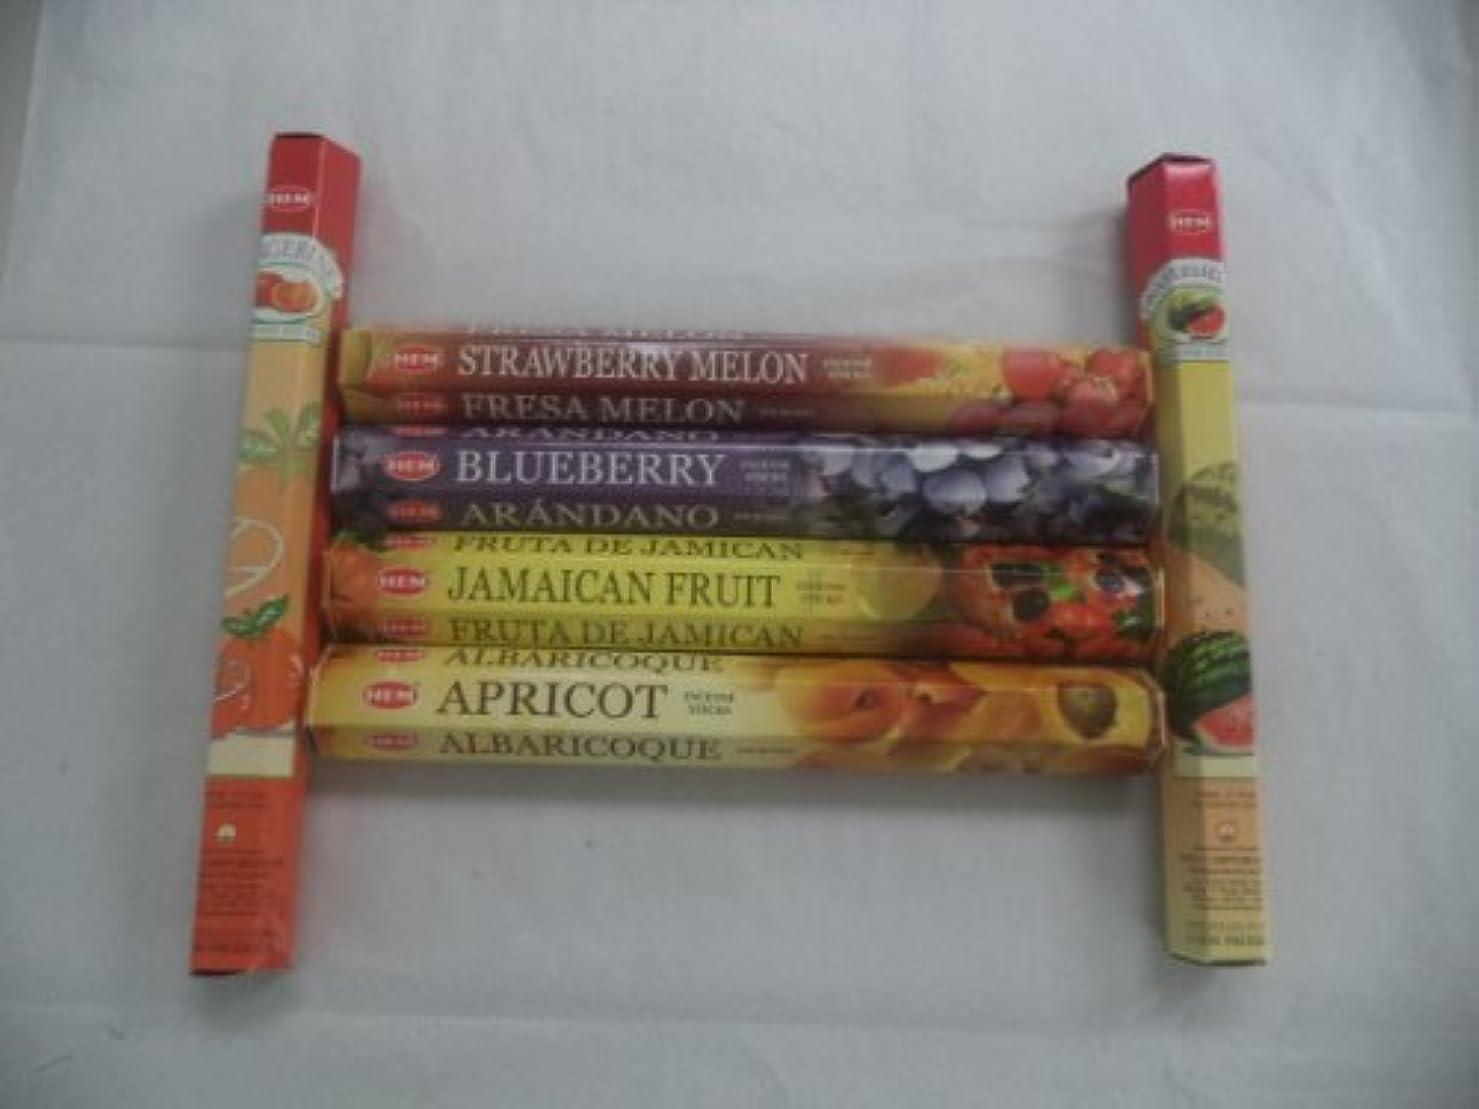 飾る帝国主義同化するHem Fruitさまざまなお香セット6 x 20 = 120 Sticksさまざまなギフトパック